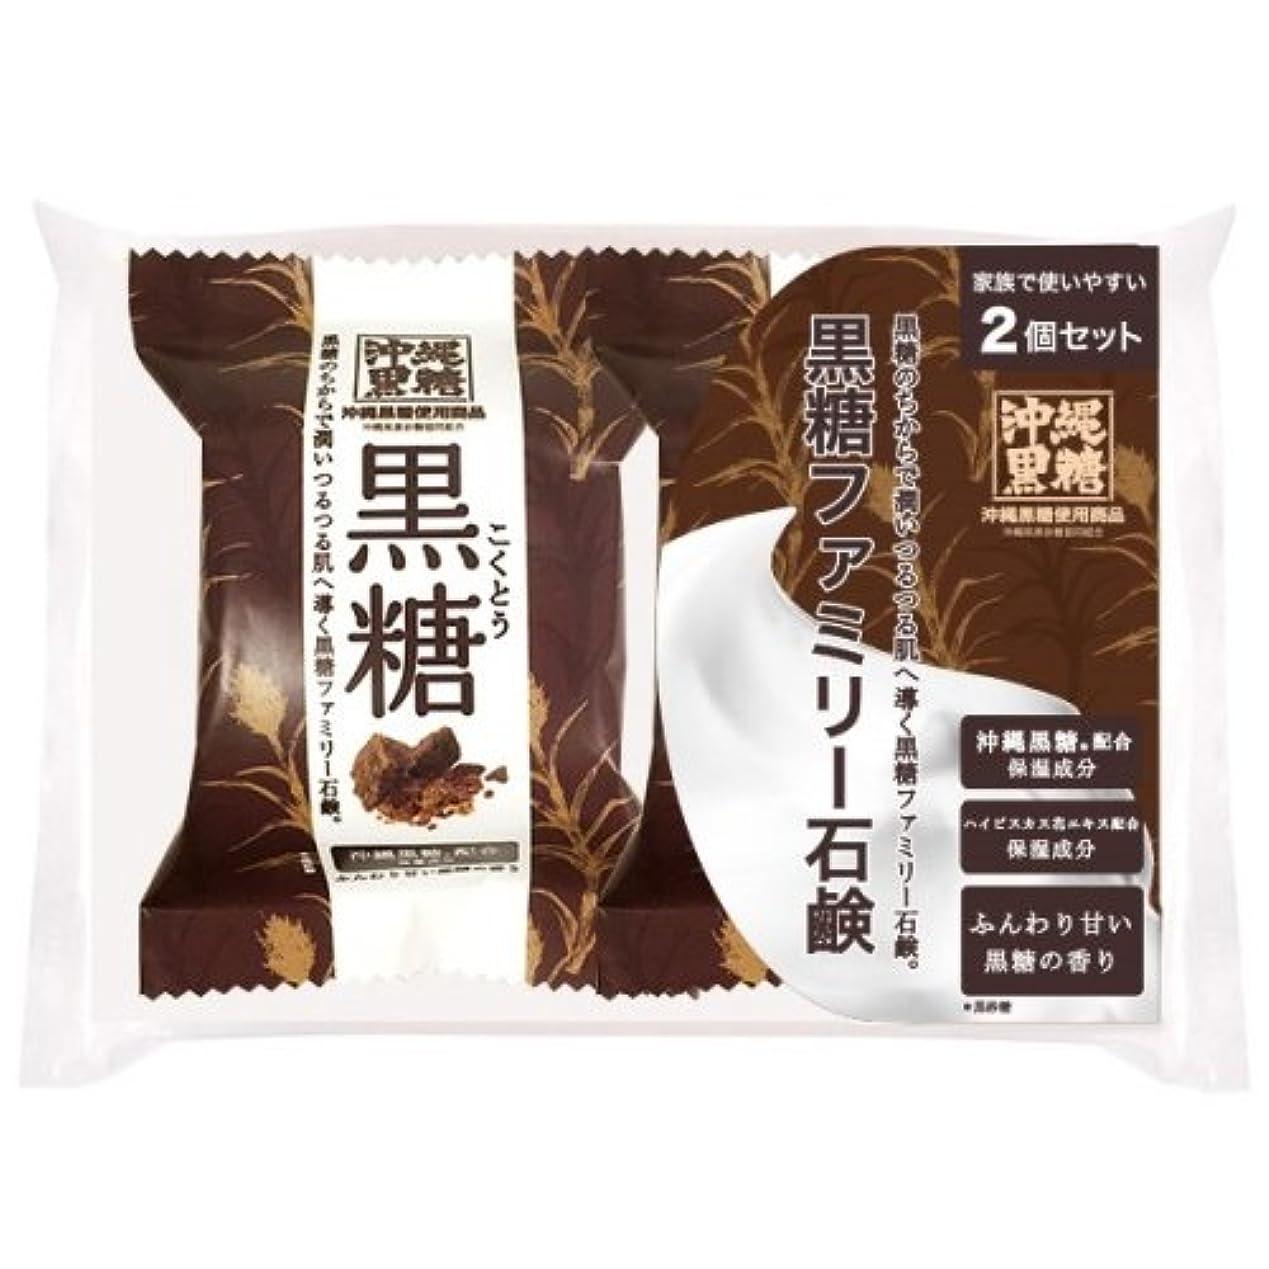 ペリカン石鹸 ファミリー黒糖石鹸 80g×2個